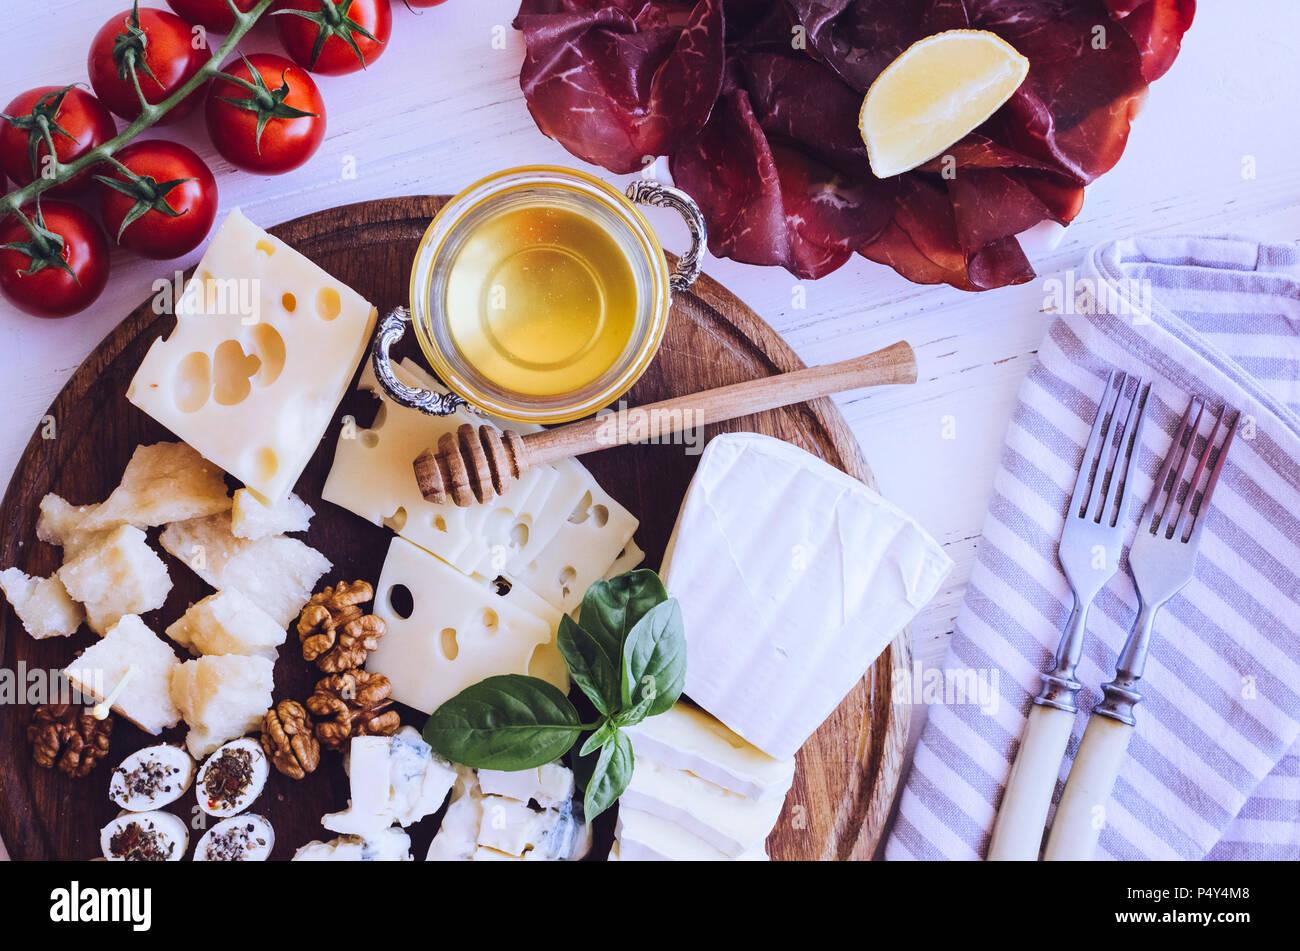 Tabelle mit mediterranen Vorspeisen, Tapas und Antipasti. Verschiedene italienische Küche. Leckerer Snack auf Party oder Picknick. Schneidbrett mit mir Stockbild